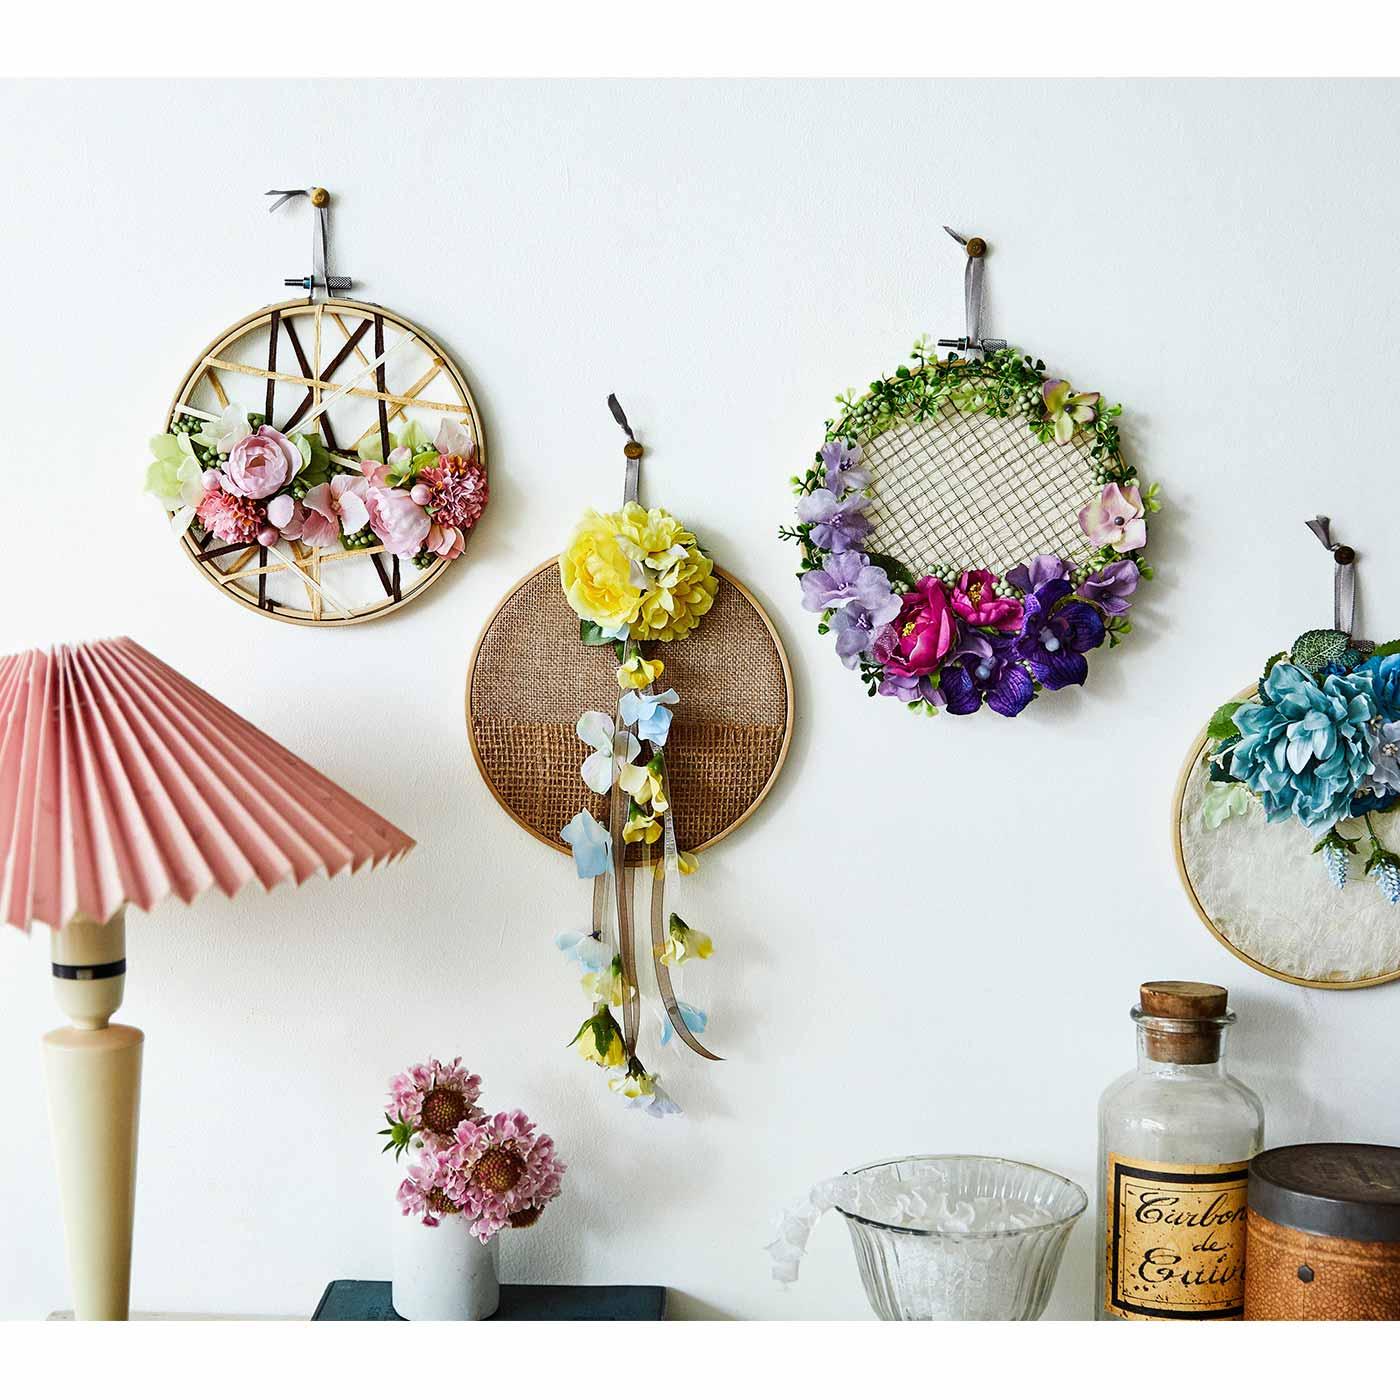 【クチュリエクラブ会員限定】壁一面に花の彩りを 癒やしの空間 フラワーフレームの会